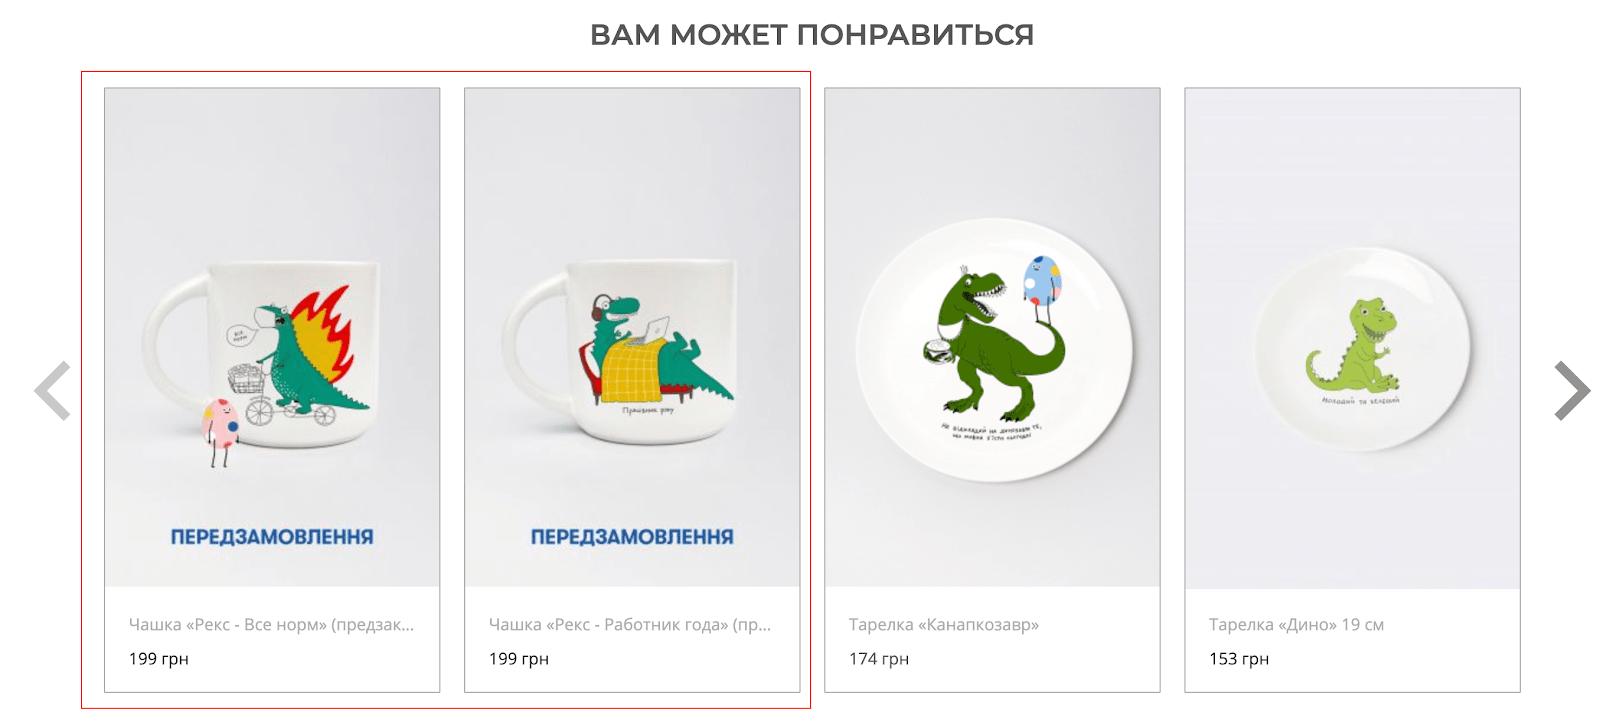 Два дизайна тарелок на сайте подарков доступны по предзаказу. До карантина продукт сразу бы пустили в производство, а сейчас работает предзаказ. Новые тарелки напечатают уже после карантина